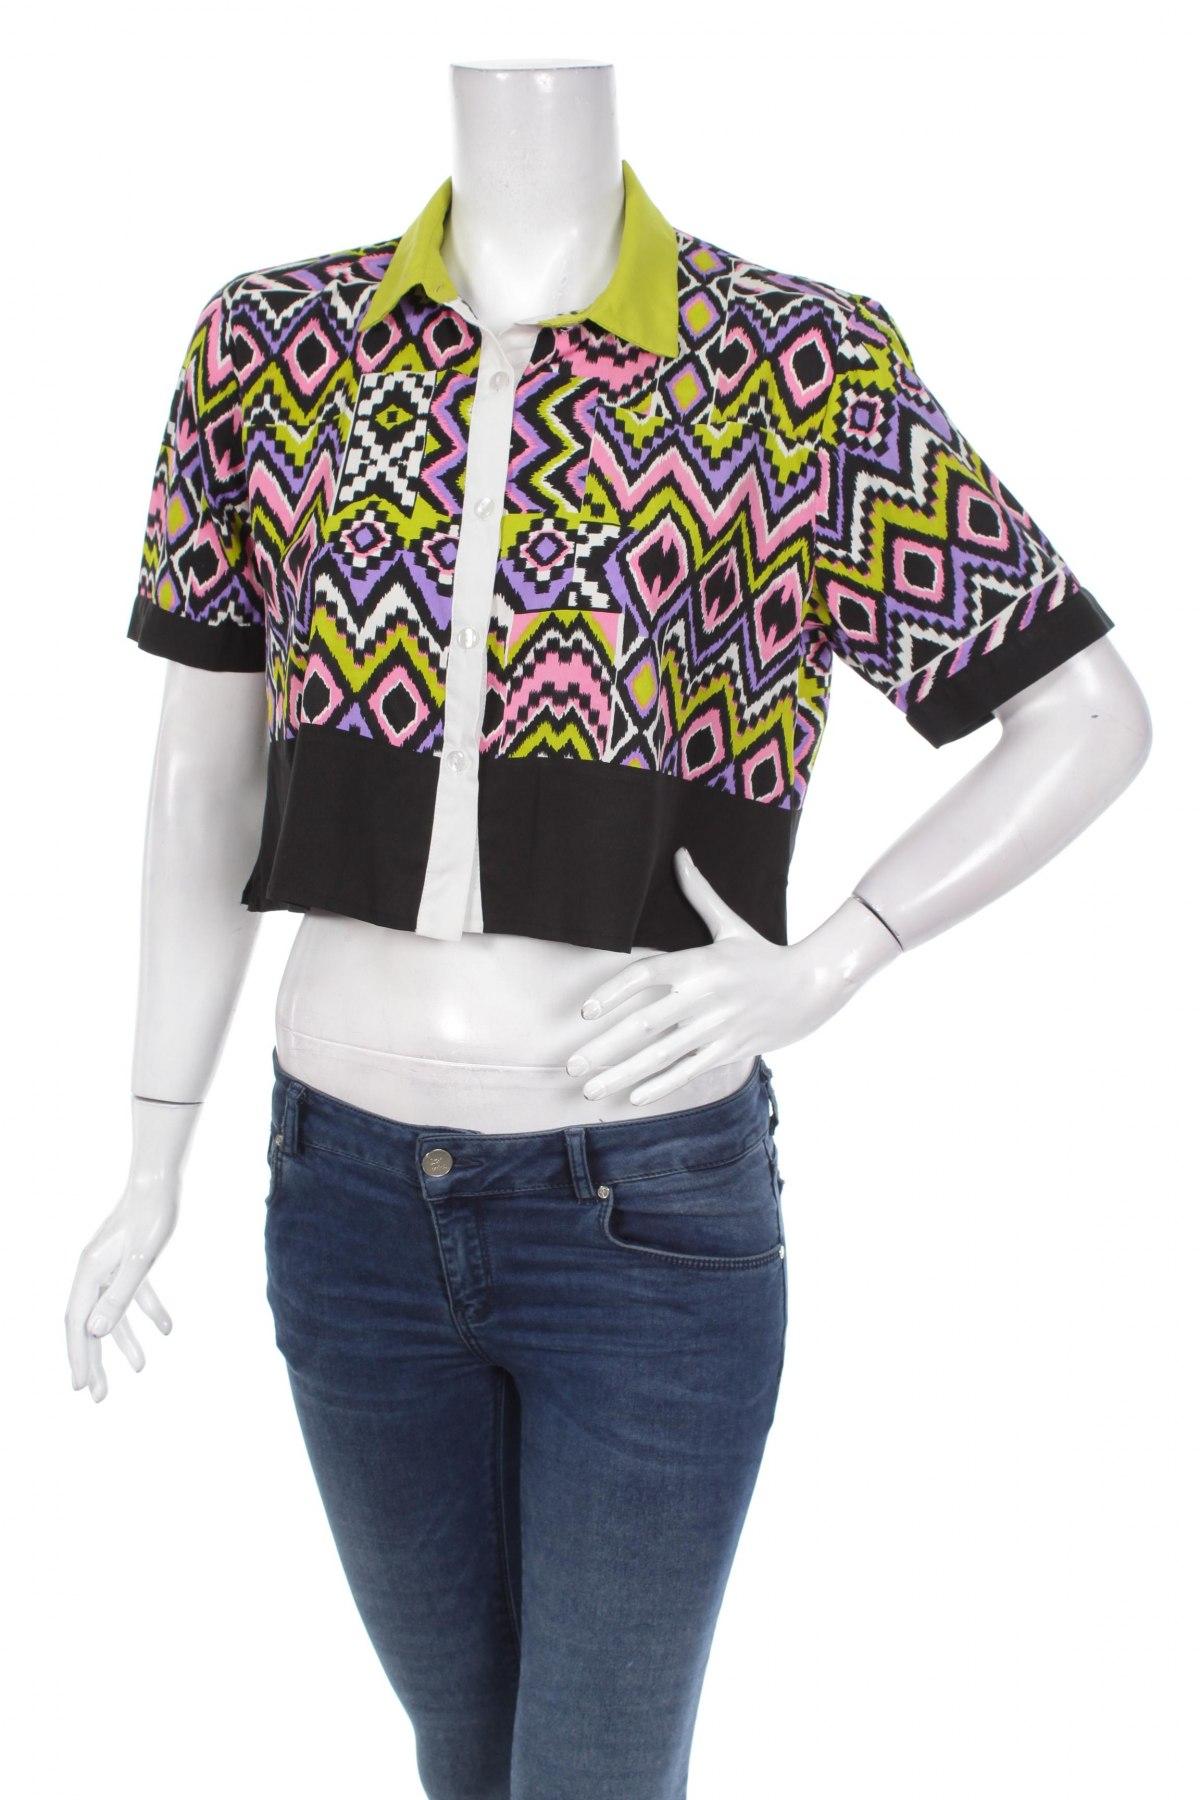 Γυναικείο πουκάμισο Miso, Μέγεθος M, Χρώμα Πολύχρωμο, Πολυεστέρας, Τιμή 14,09€